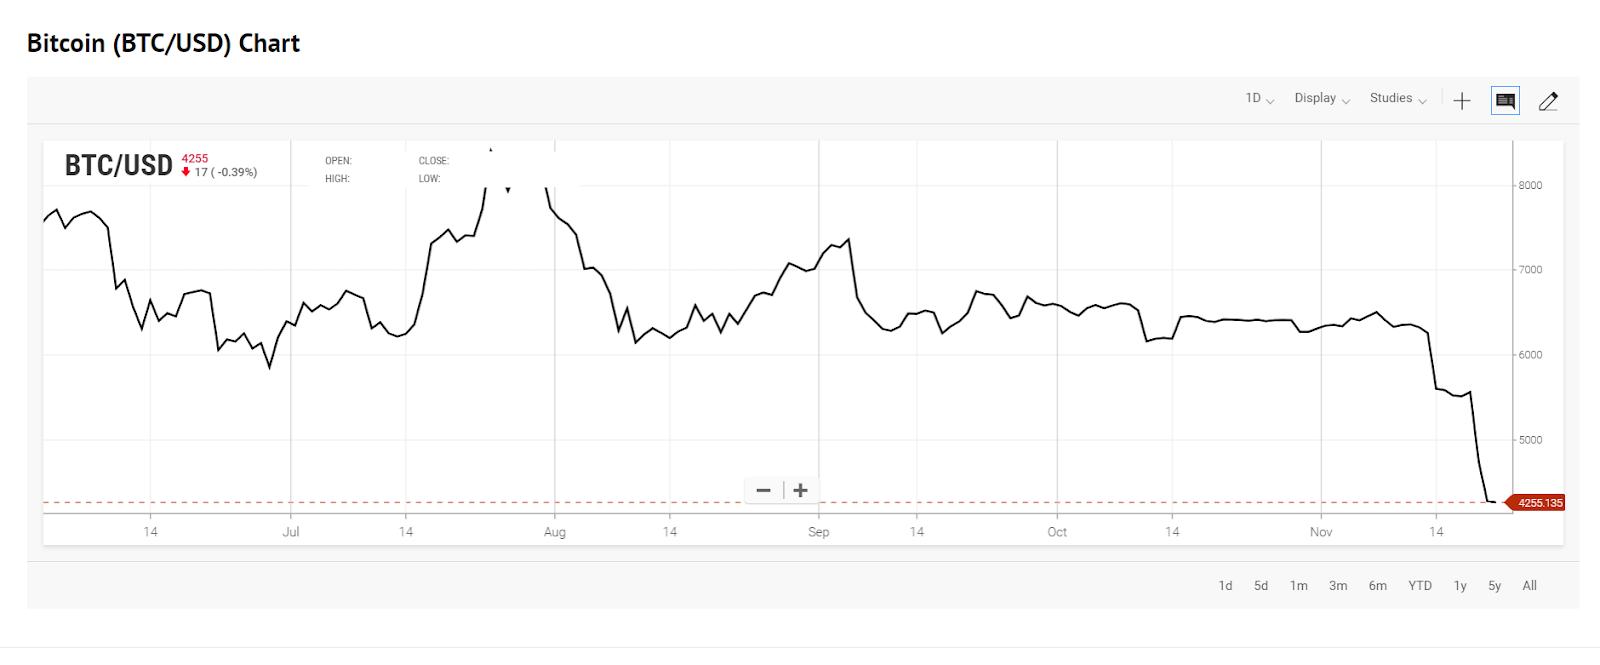 grafico dei prezzi bitcoin nel tempo